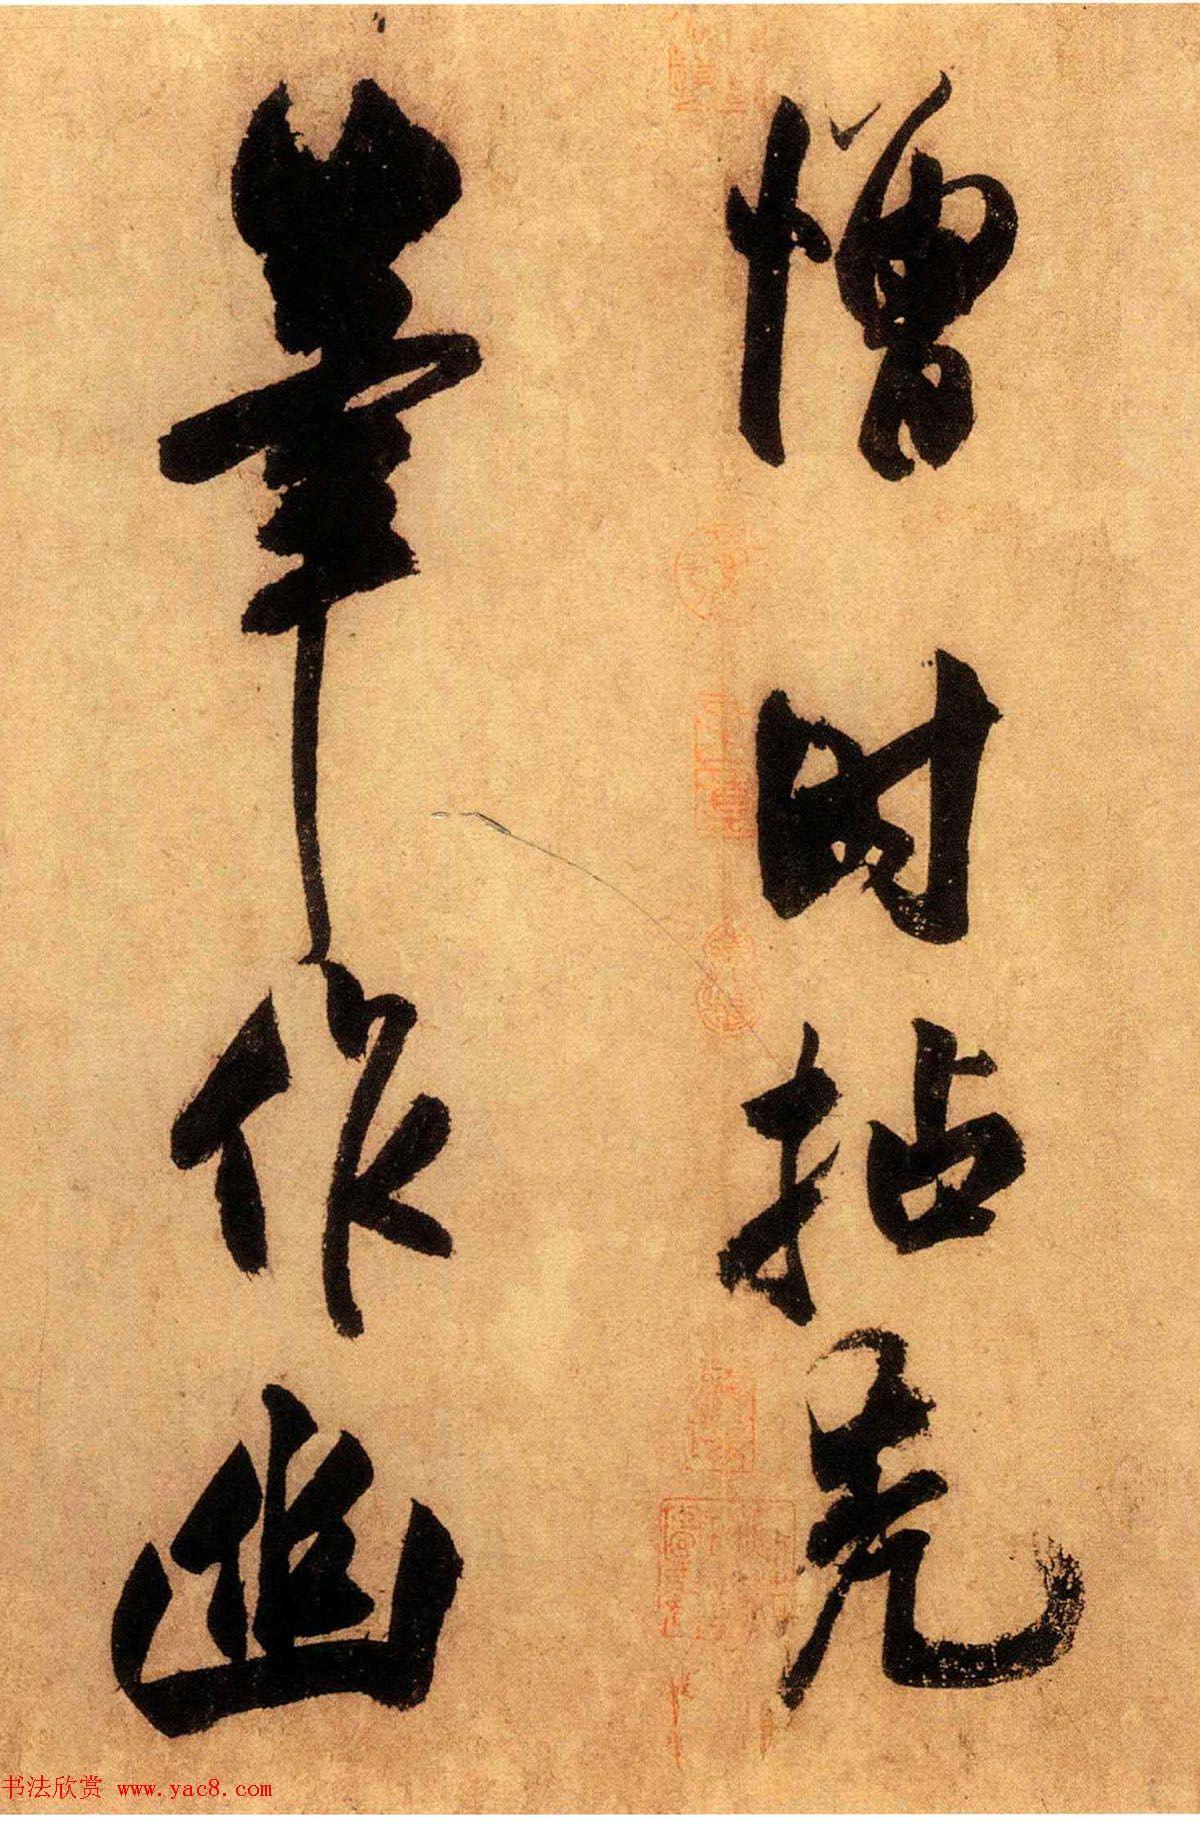 米芾外甥王庭筠书法墨迹(日本藏)